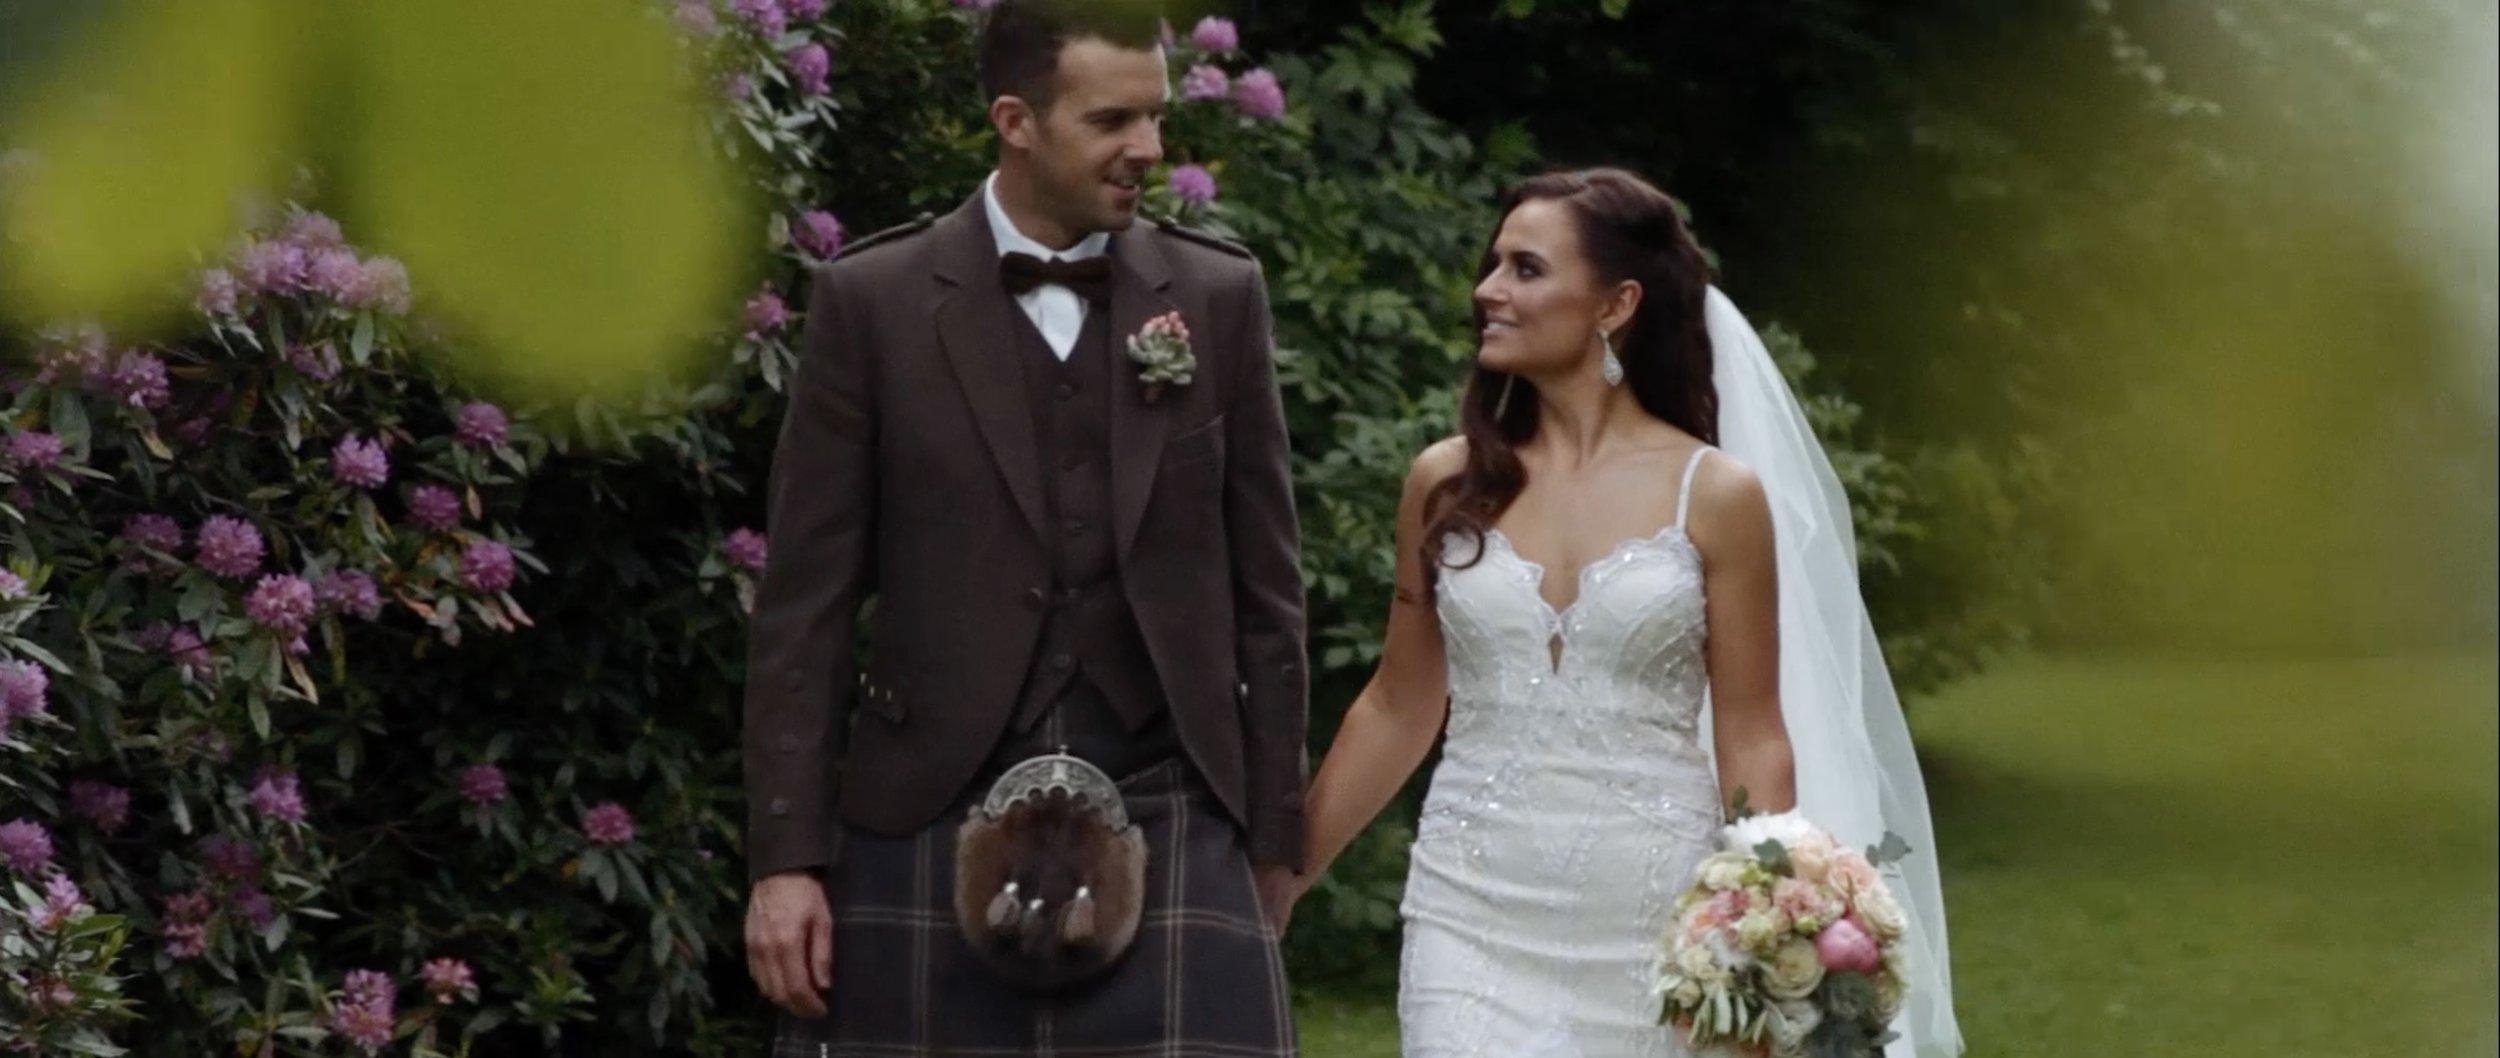 glenskirlie-house-wedding-videographer_LL_06.jpg